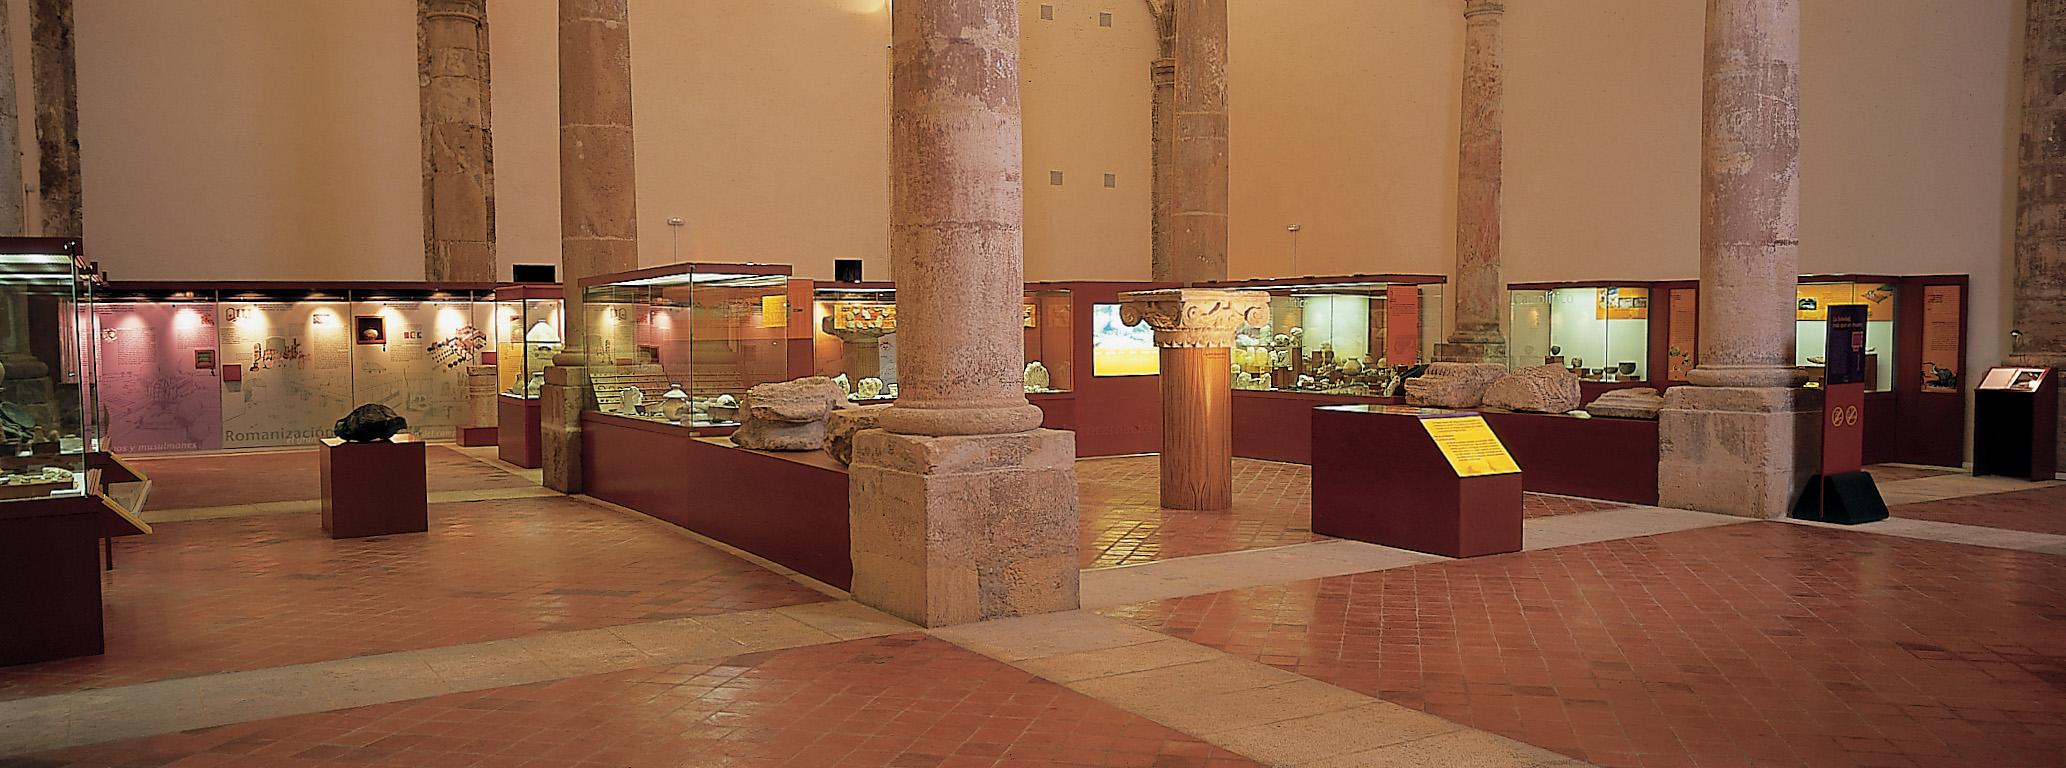 Caravaca celebra el Día de los Museos con puertas abiertas y visitas guiadas a yacimientos arqueológicos